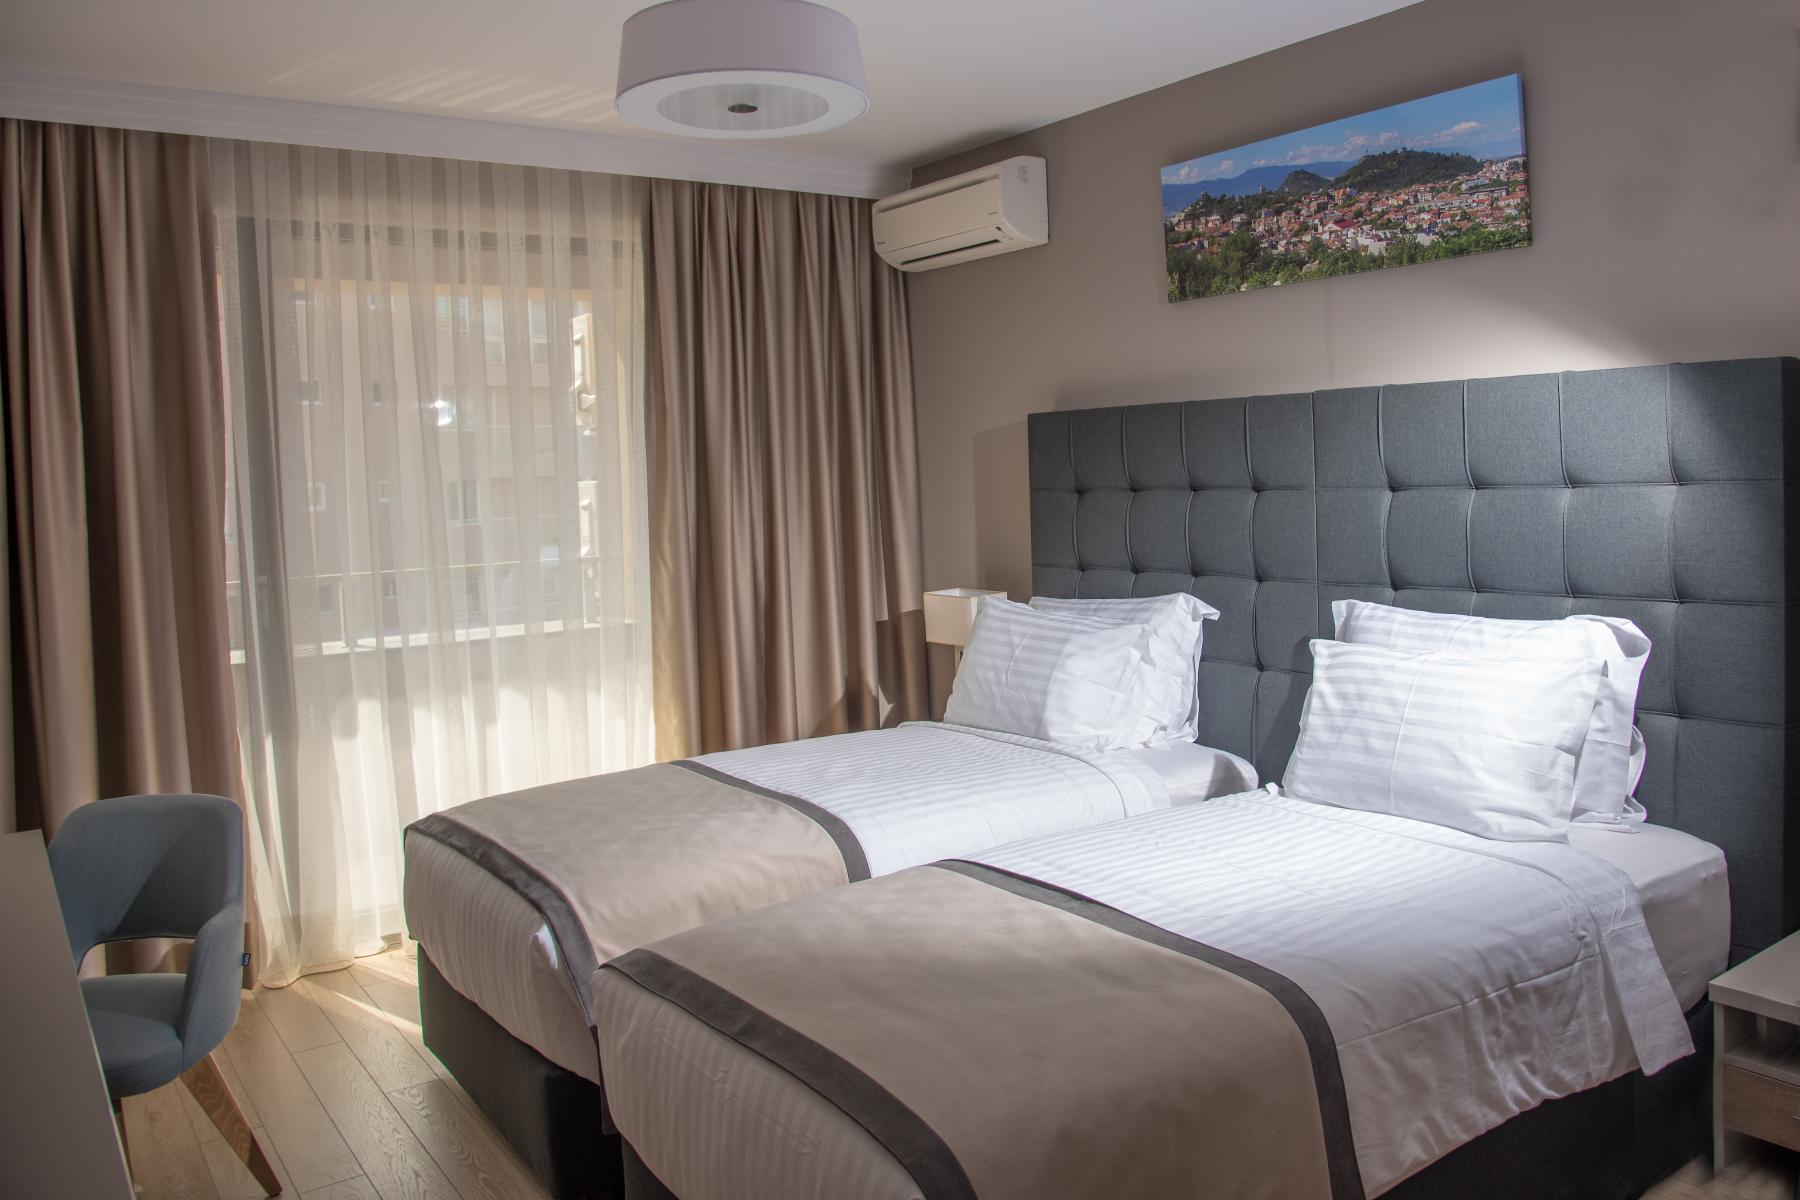 Нощувка със закуска за двама в хотел Бест Уестърн Премиер****, Пловдив, снимка 10